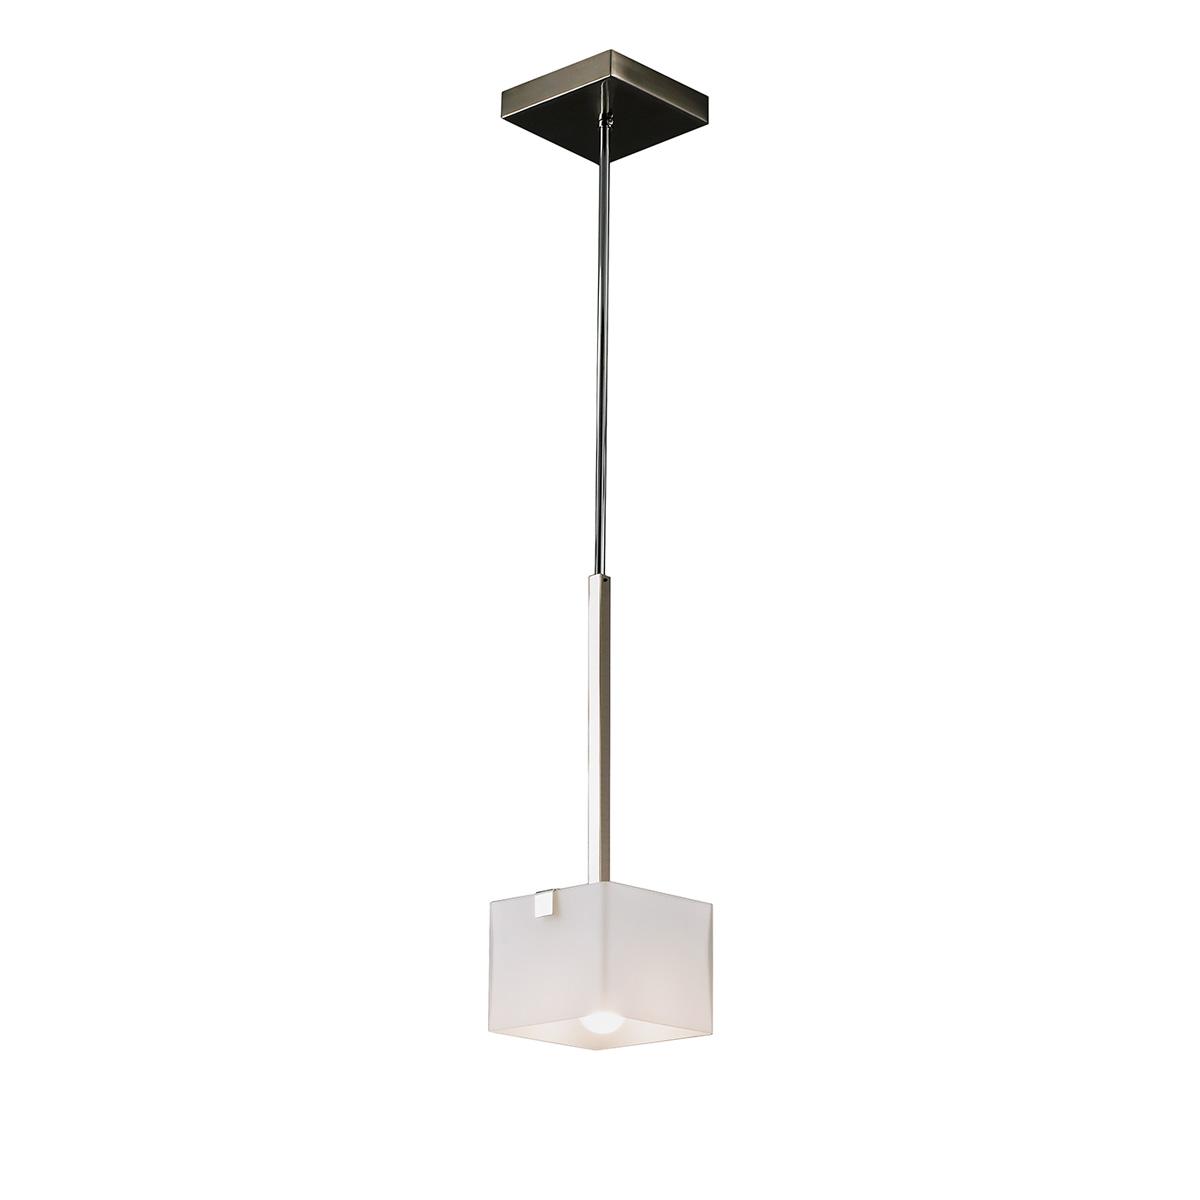 Μοντέρνο μονόφωτο Μουράνο ΚΥΒΟΙ modern Murano suspension lamp